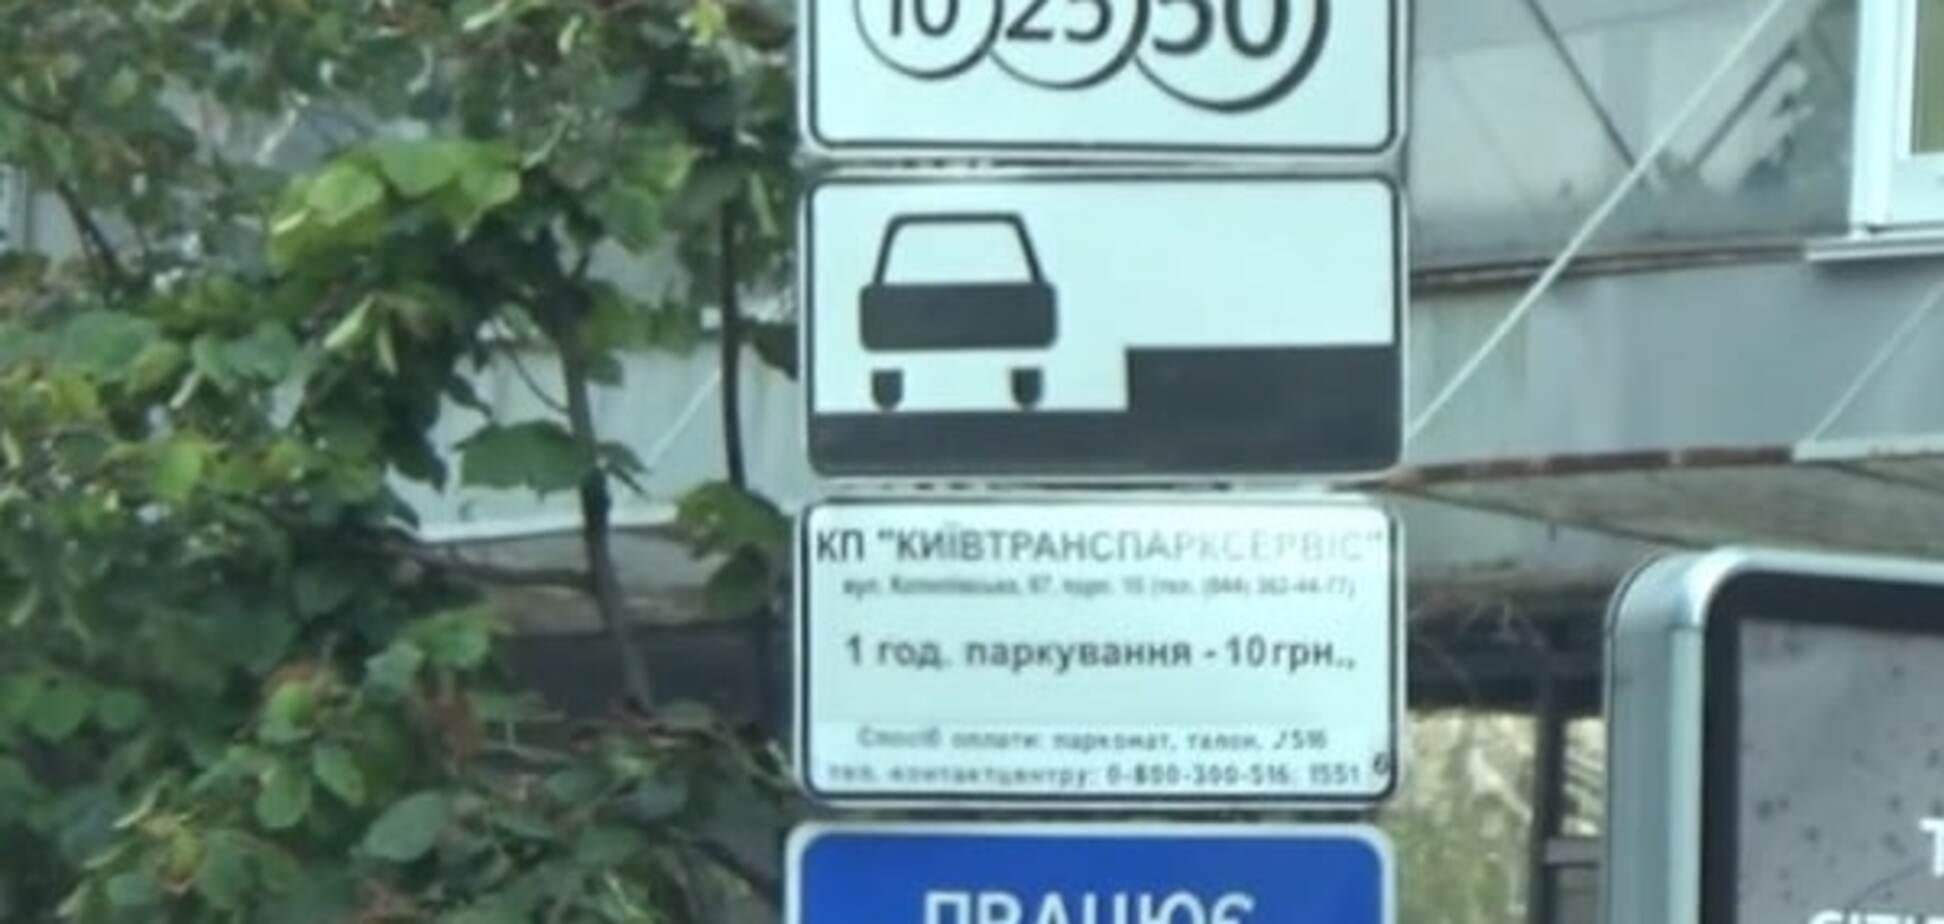 Трюки київських паркувальників: звідки затори в центрі столиці